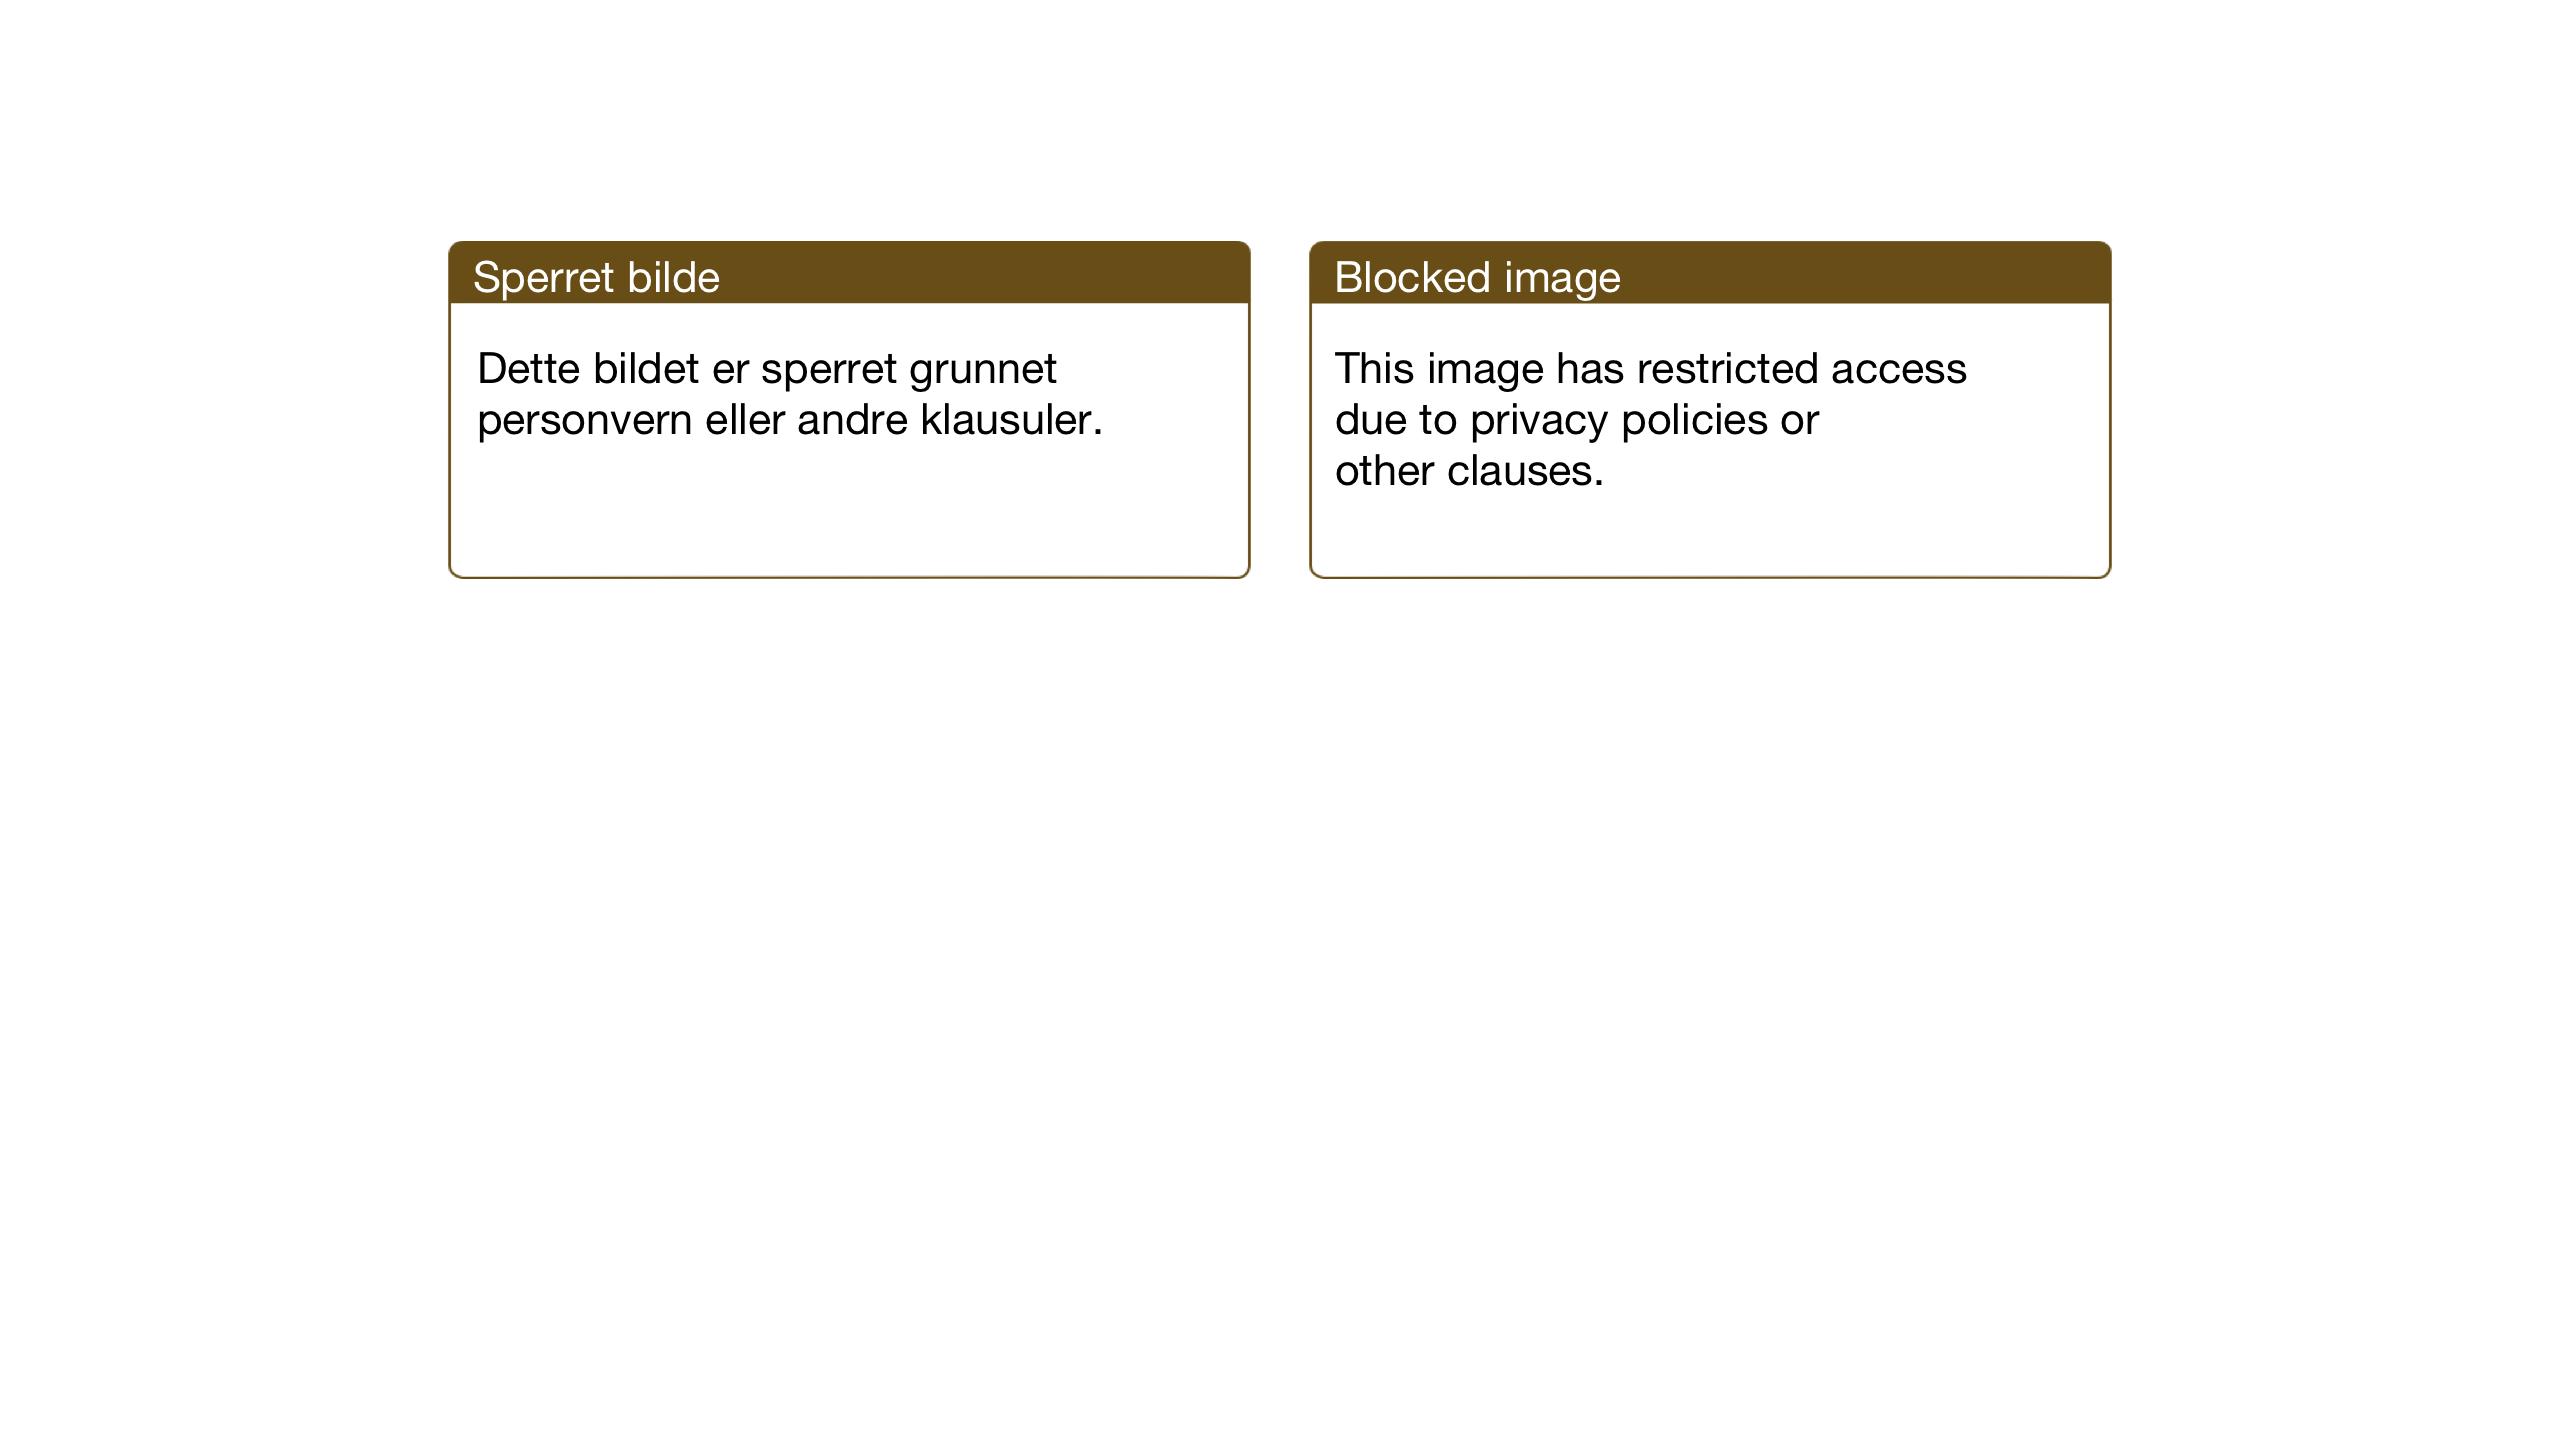 RA, Justisdepartementet, Sivilavdelingen (RA/S-6490), 2000, s. 227